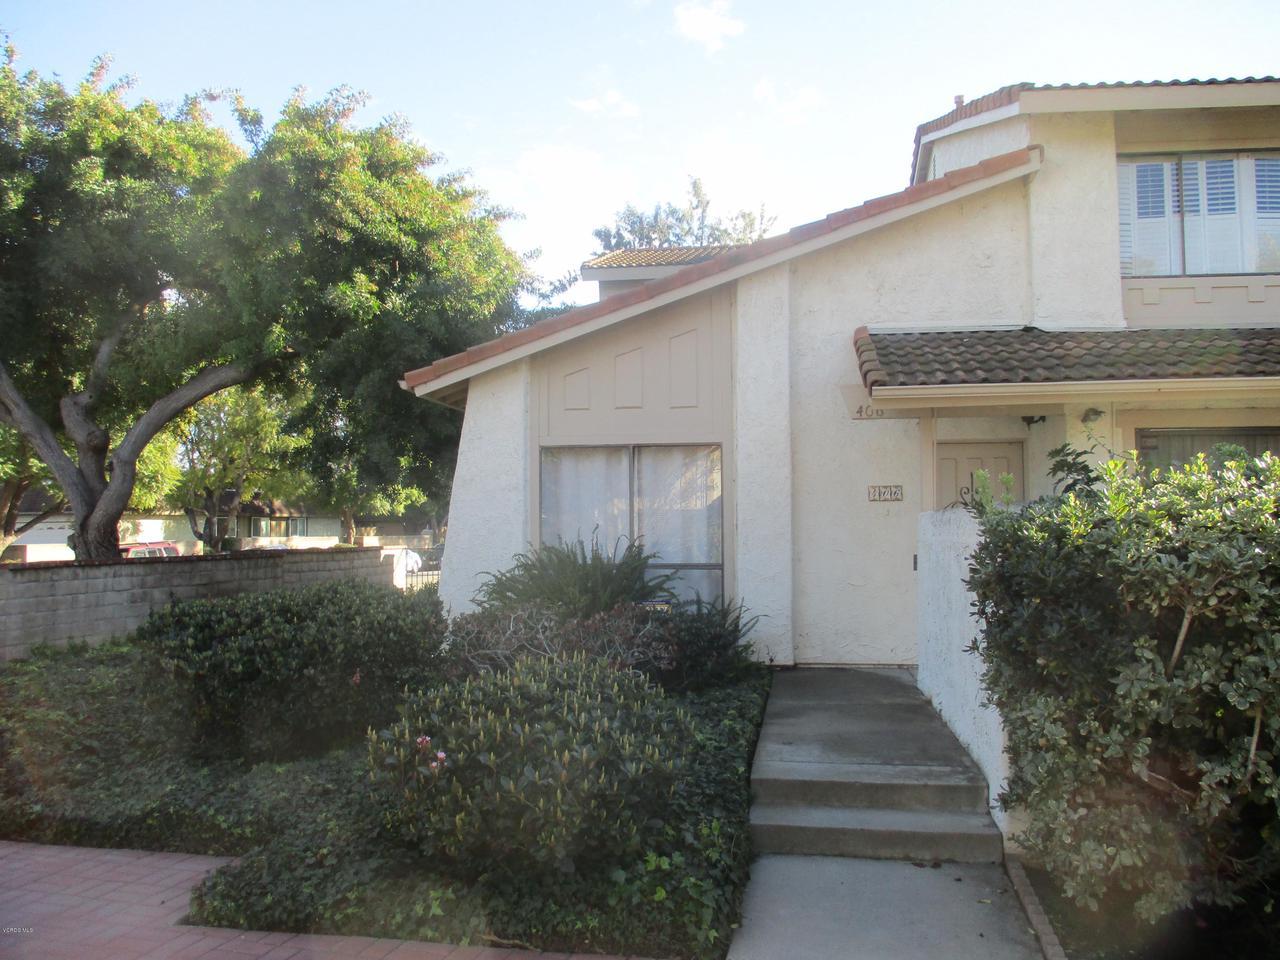 406 CHAPALA, Camarillo, CA 93010 - IMG_0664